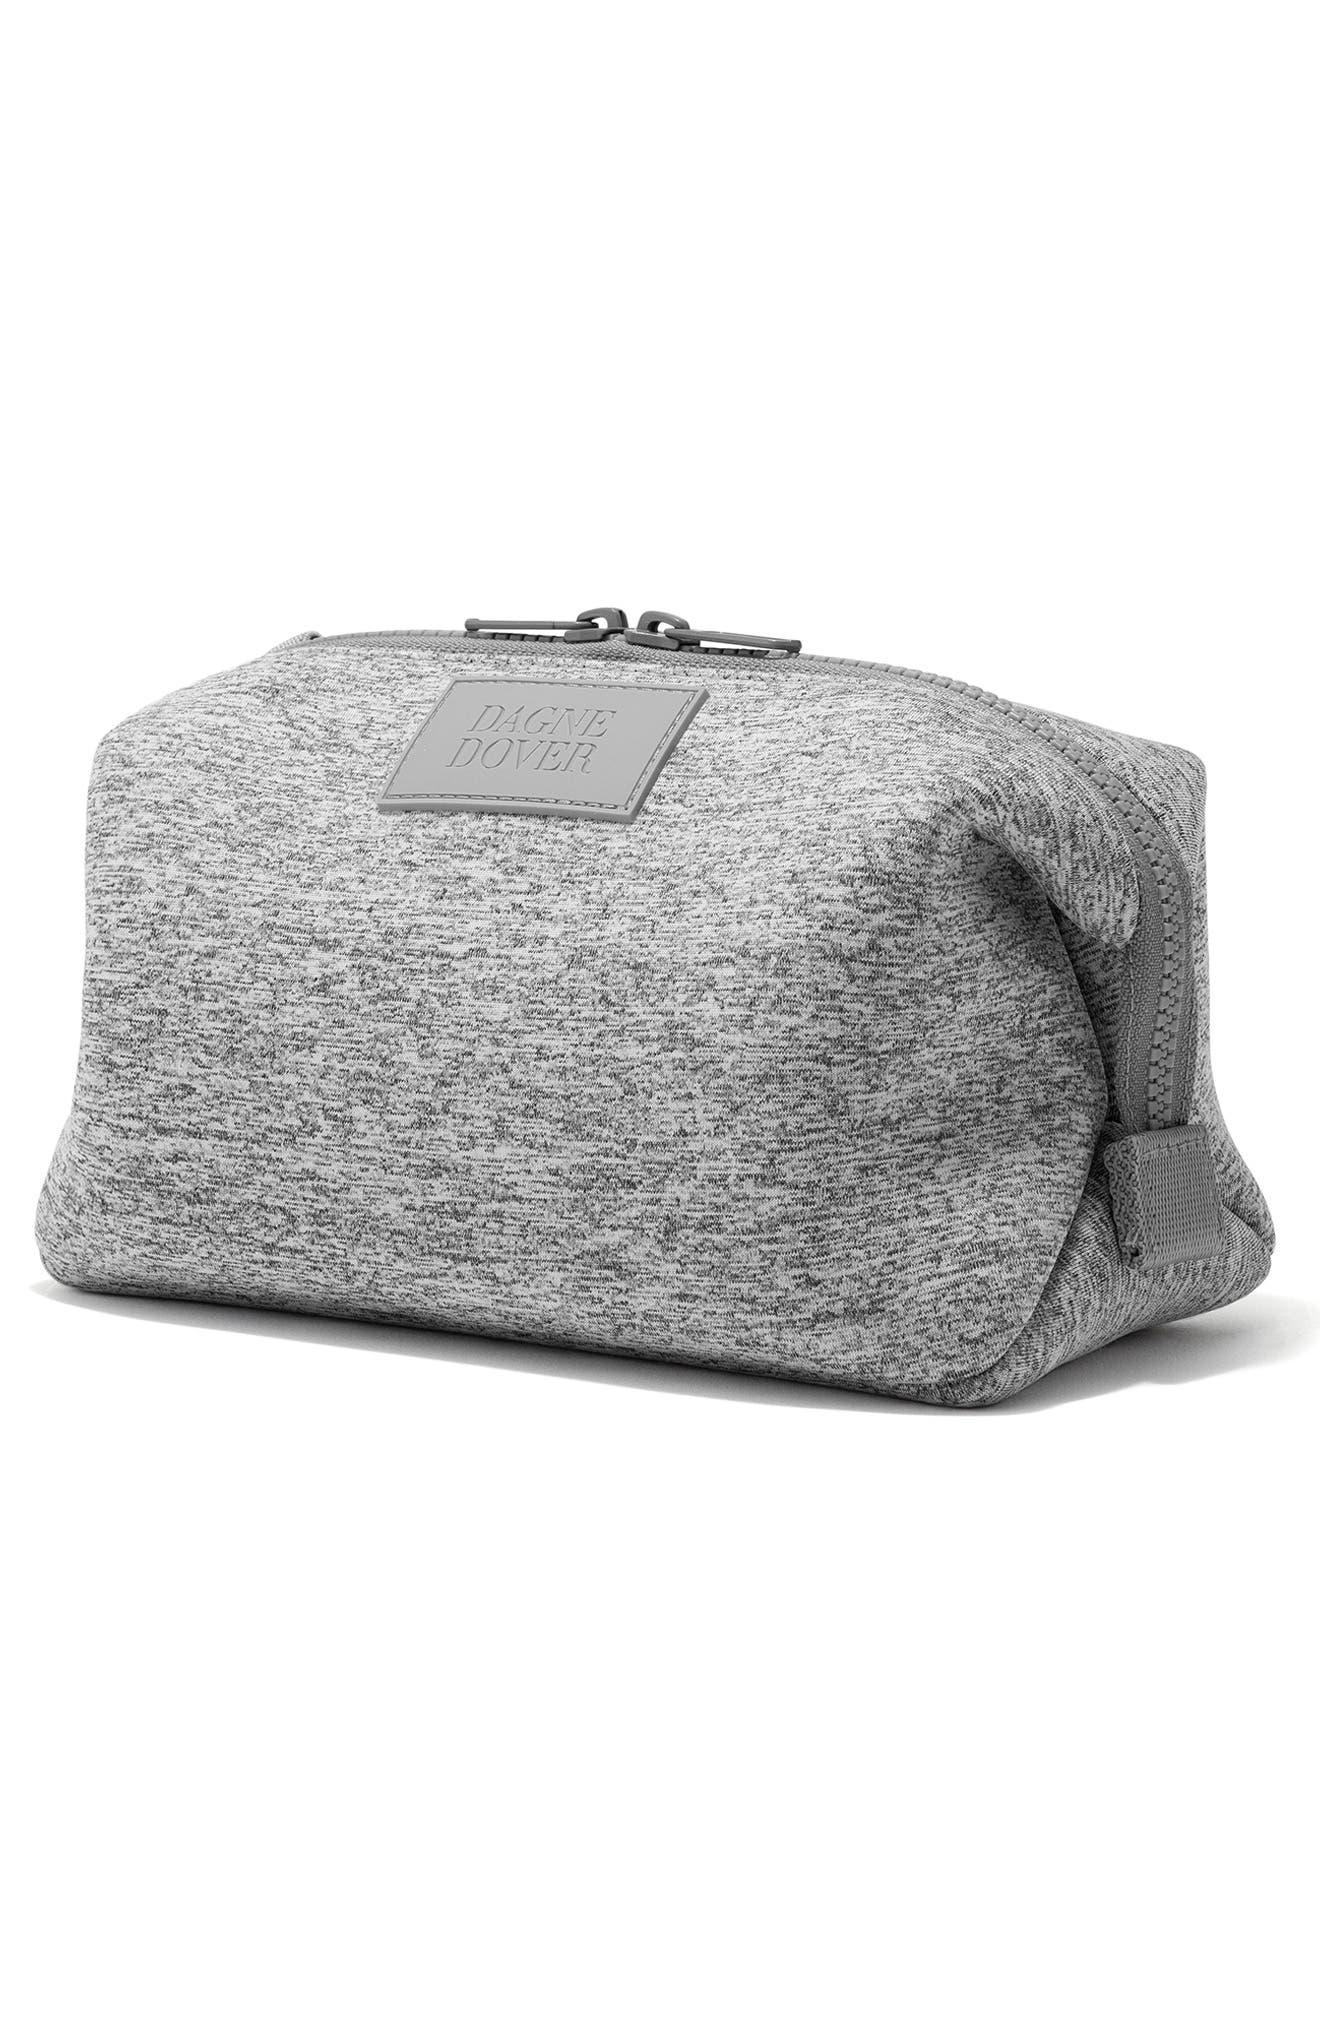 DAGNE DOVER, Large Hunter Neoprene Toiletry Bag, Alternate thumbnail 4, color, HEATHER GREY